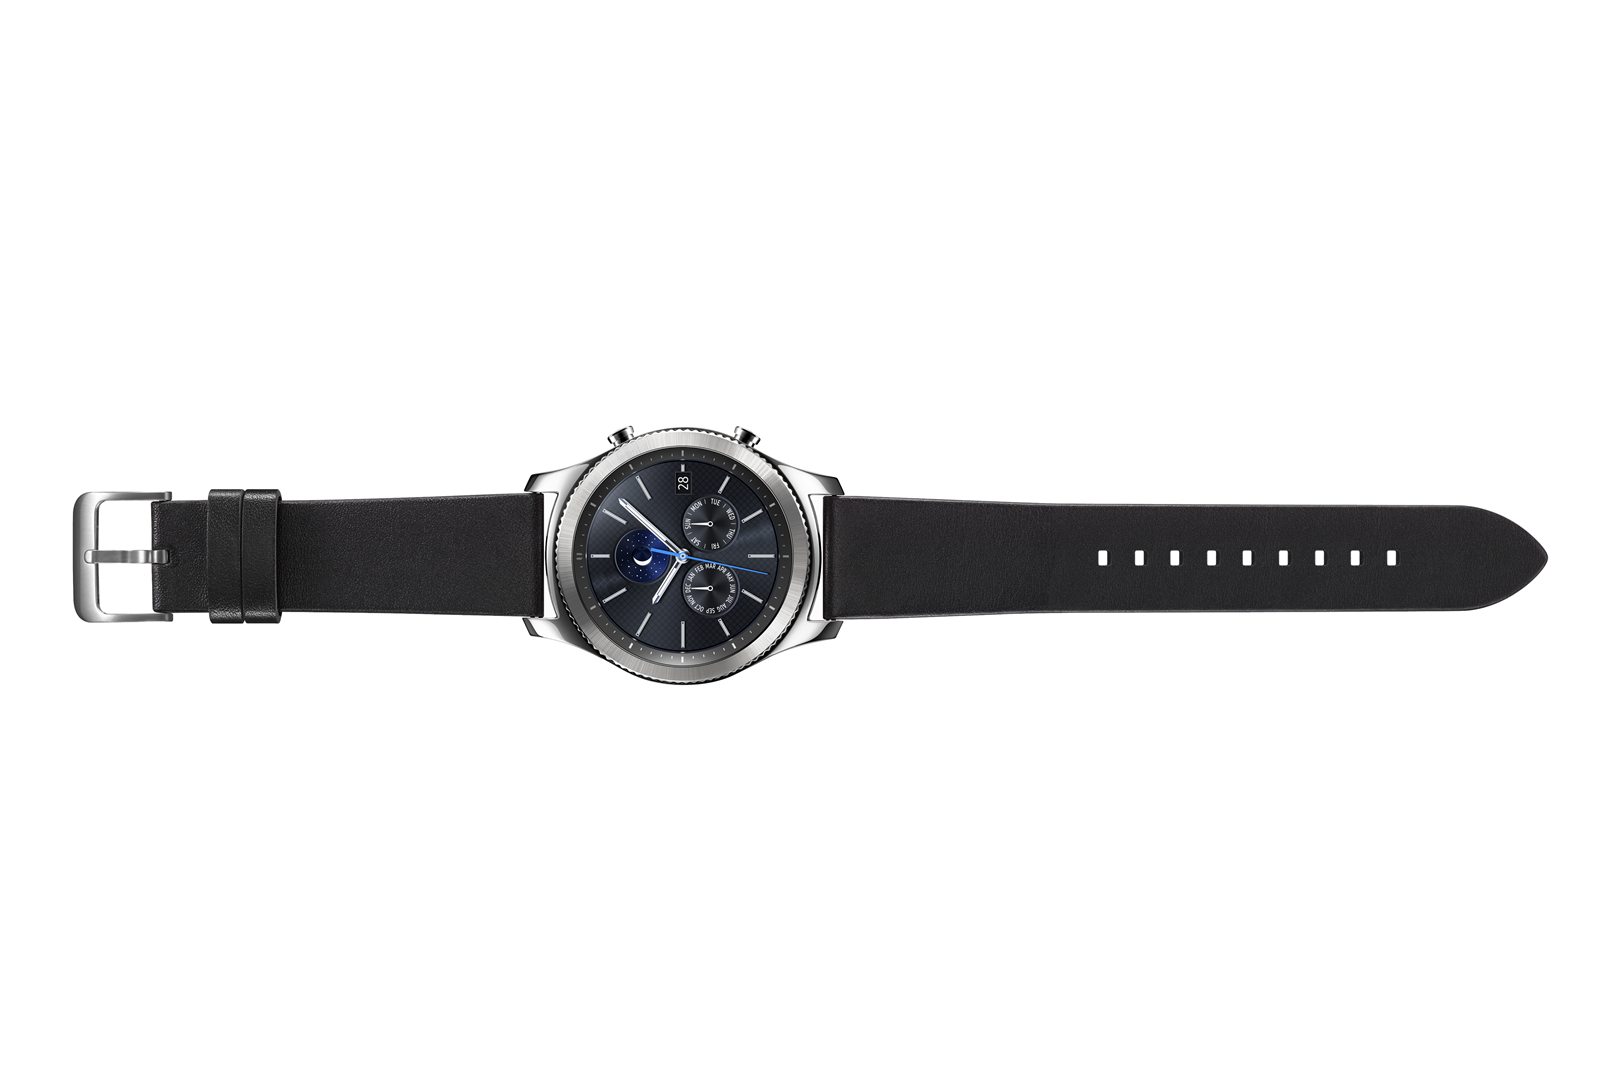 Išmanusis laikrodis SAMSUNG Gear S3 Black R770 2